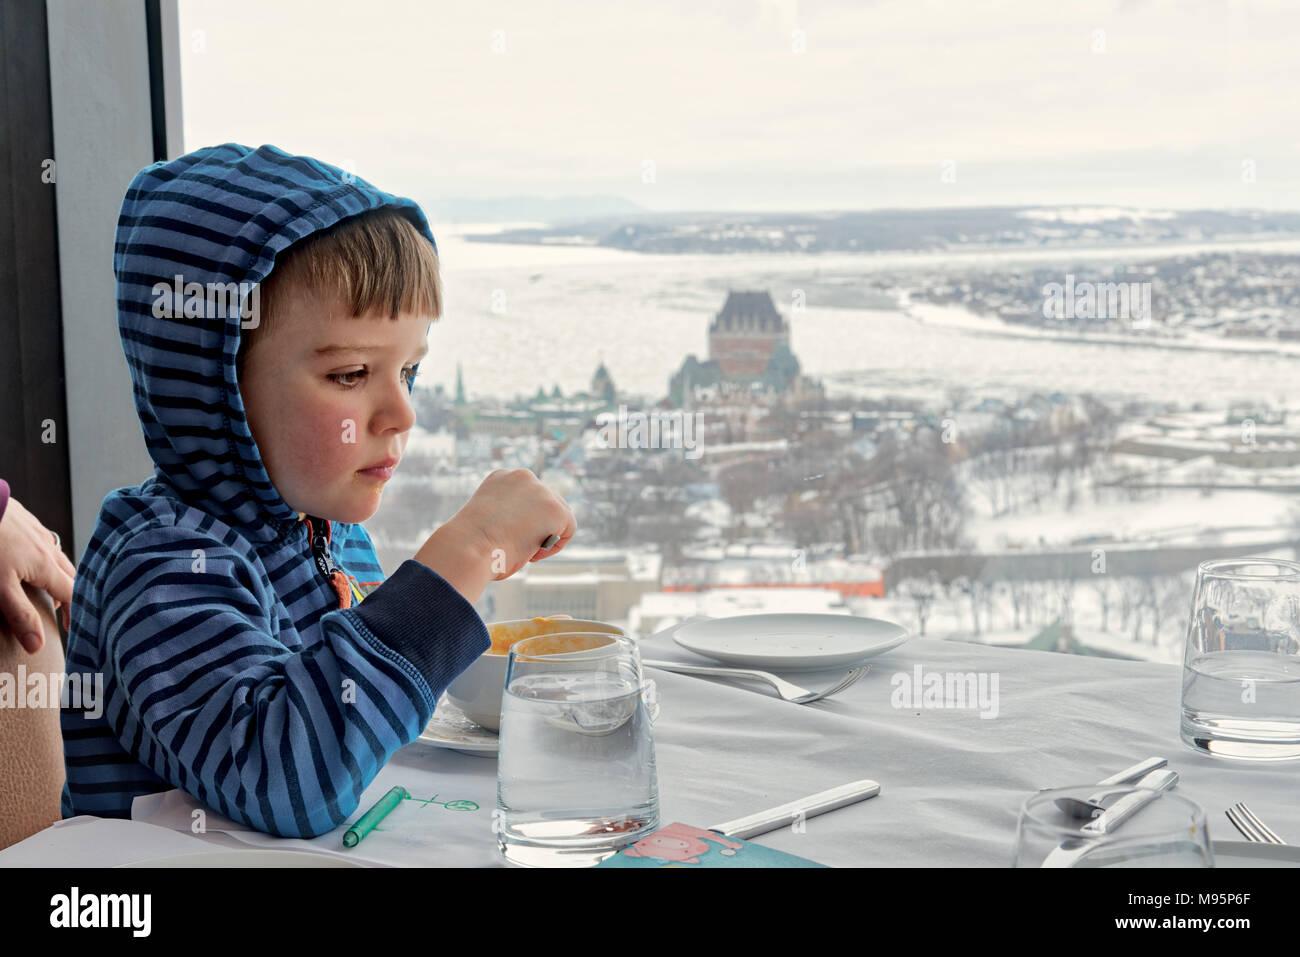 Un niño de cinco años comiendo en el ciel! El restaurante giratorio en la Ciudad de Quebec, con el Chateau Frontenac y los congelados más allá de San Lorenzo. Imagen De Stock